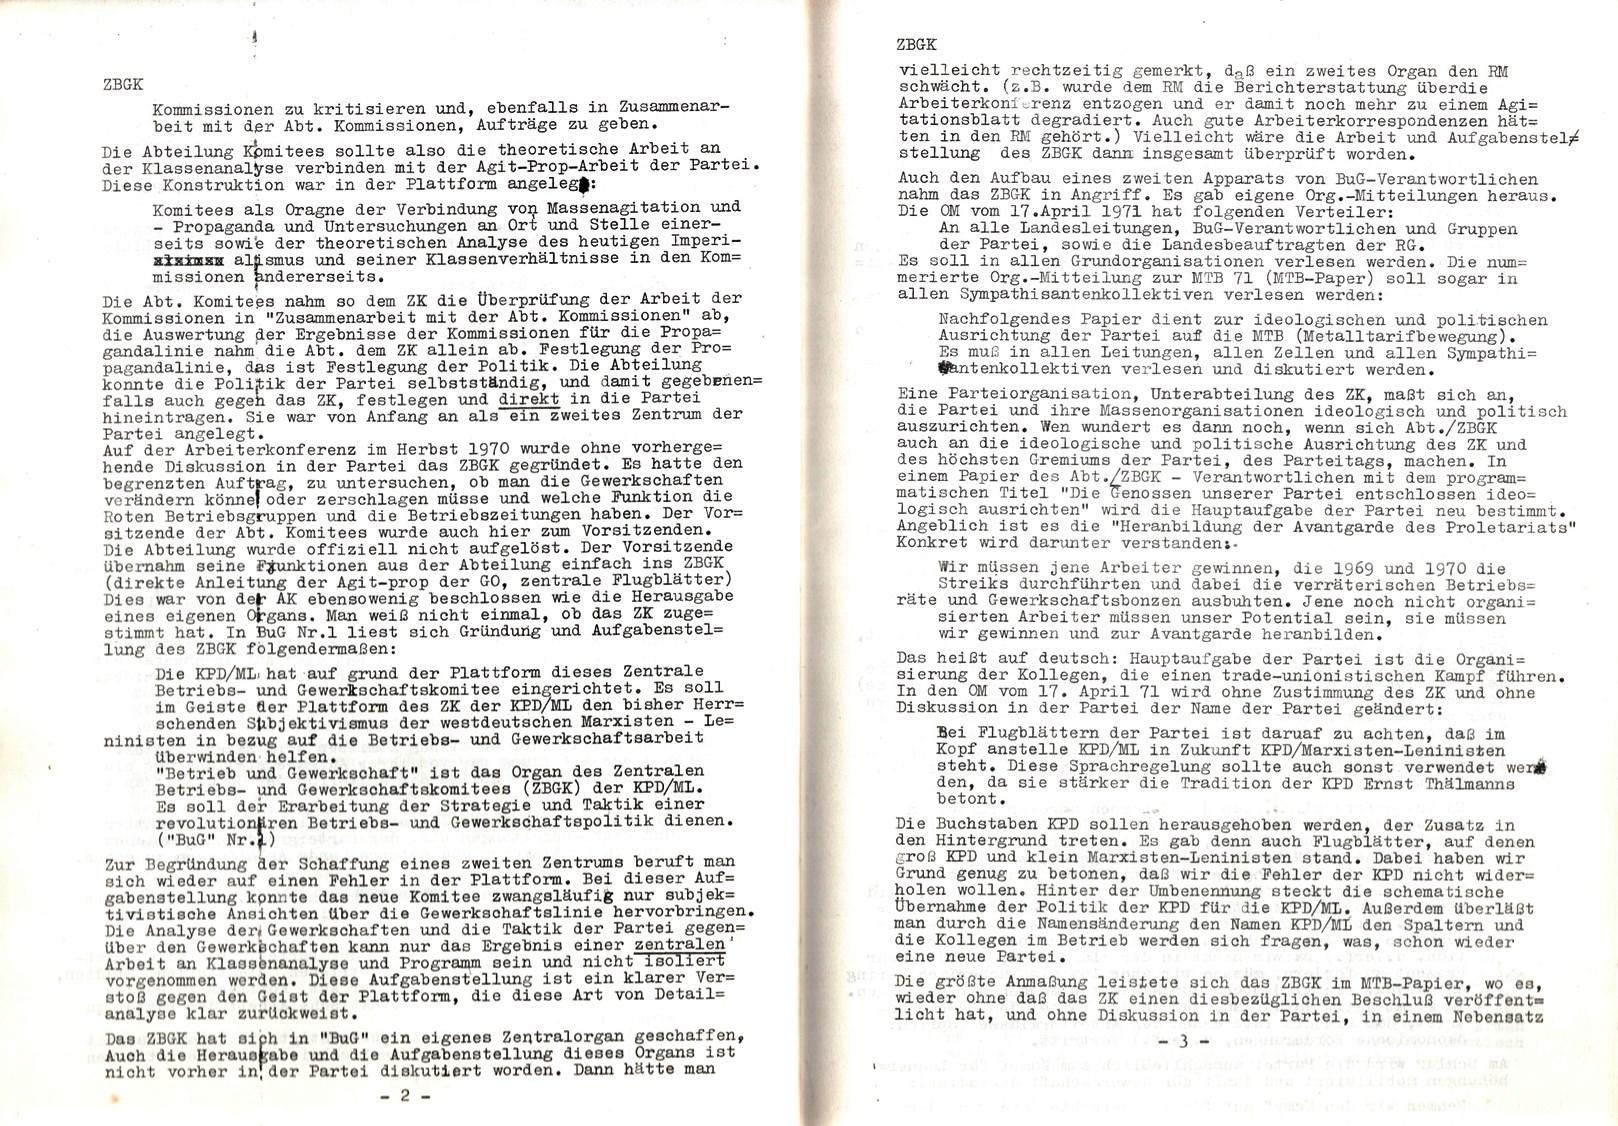 KPDML_1971_Analysen_und_Antraege_des_LV_Sued_West_023